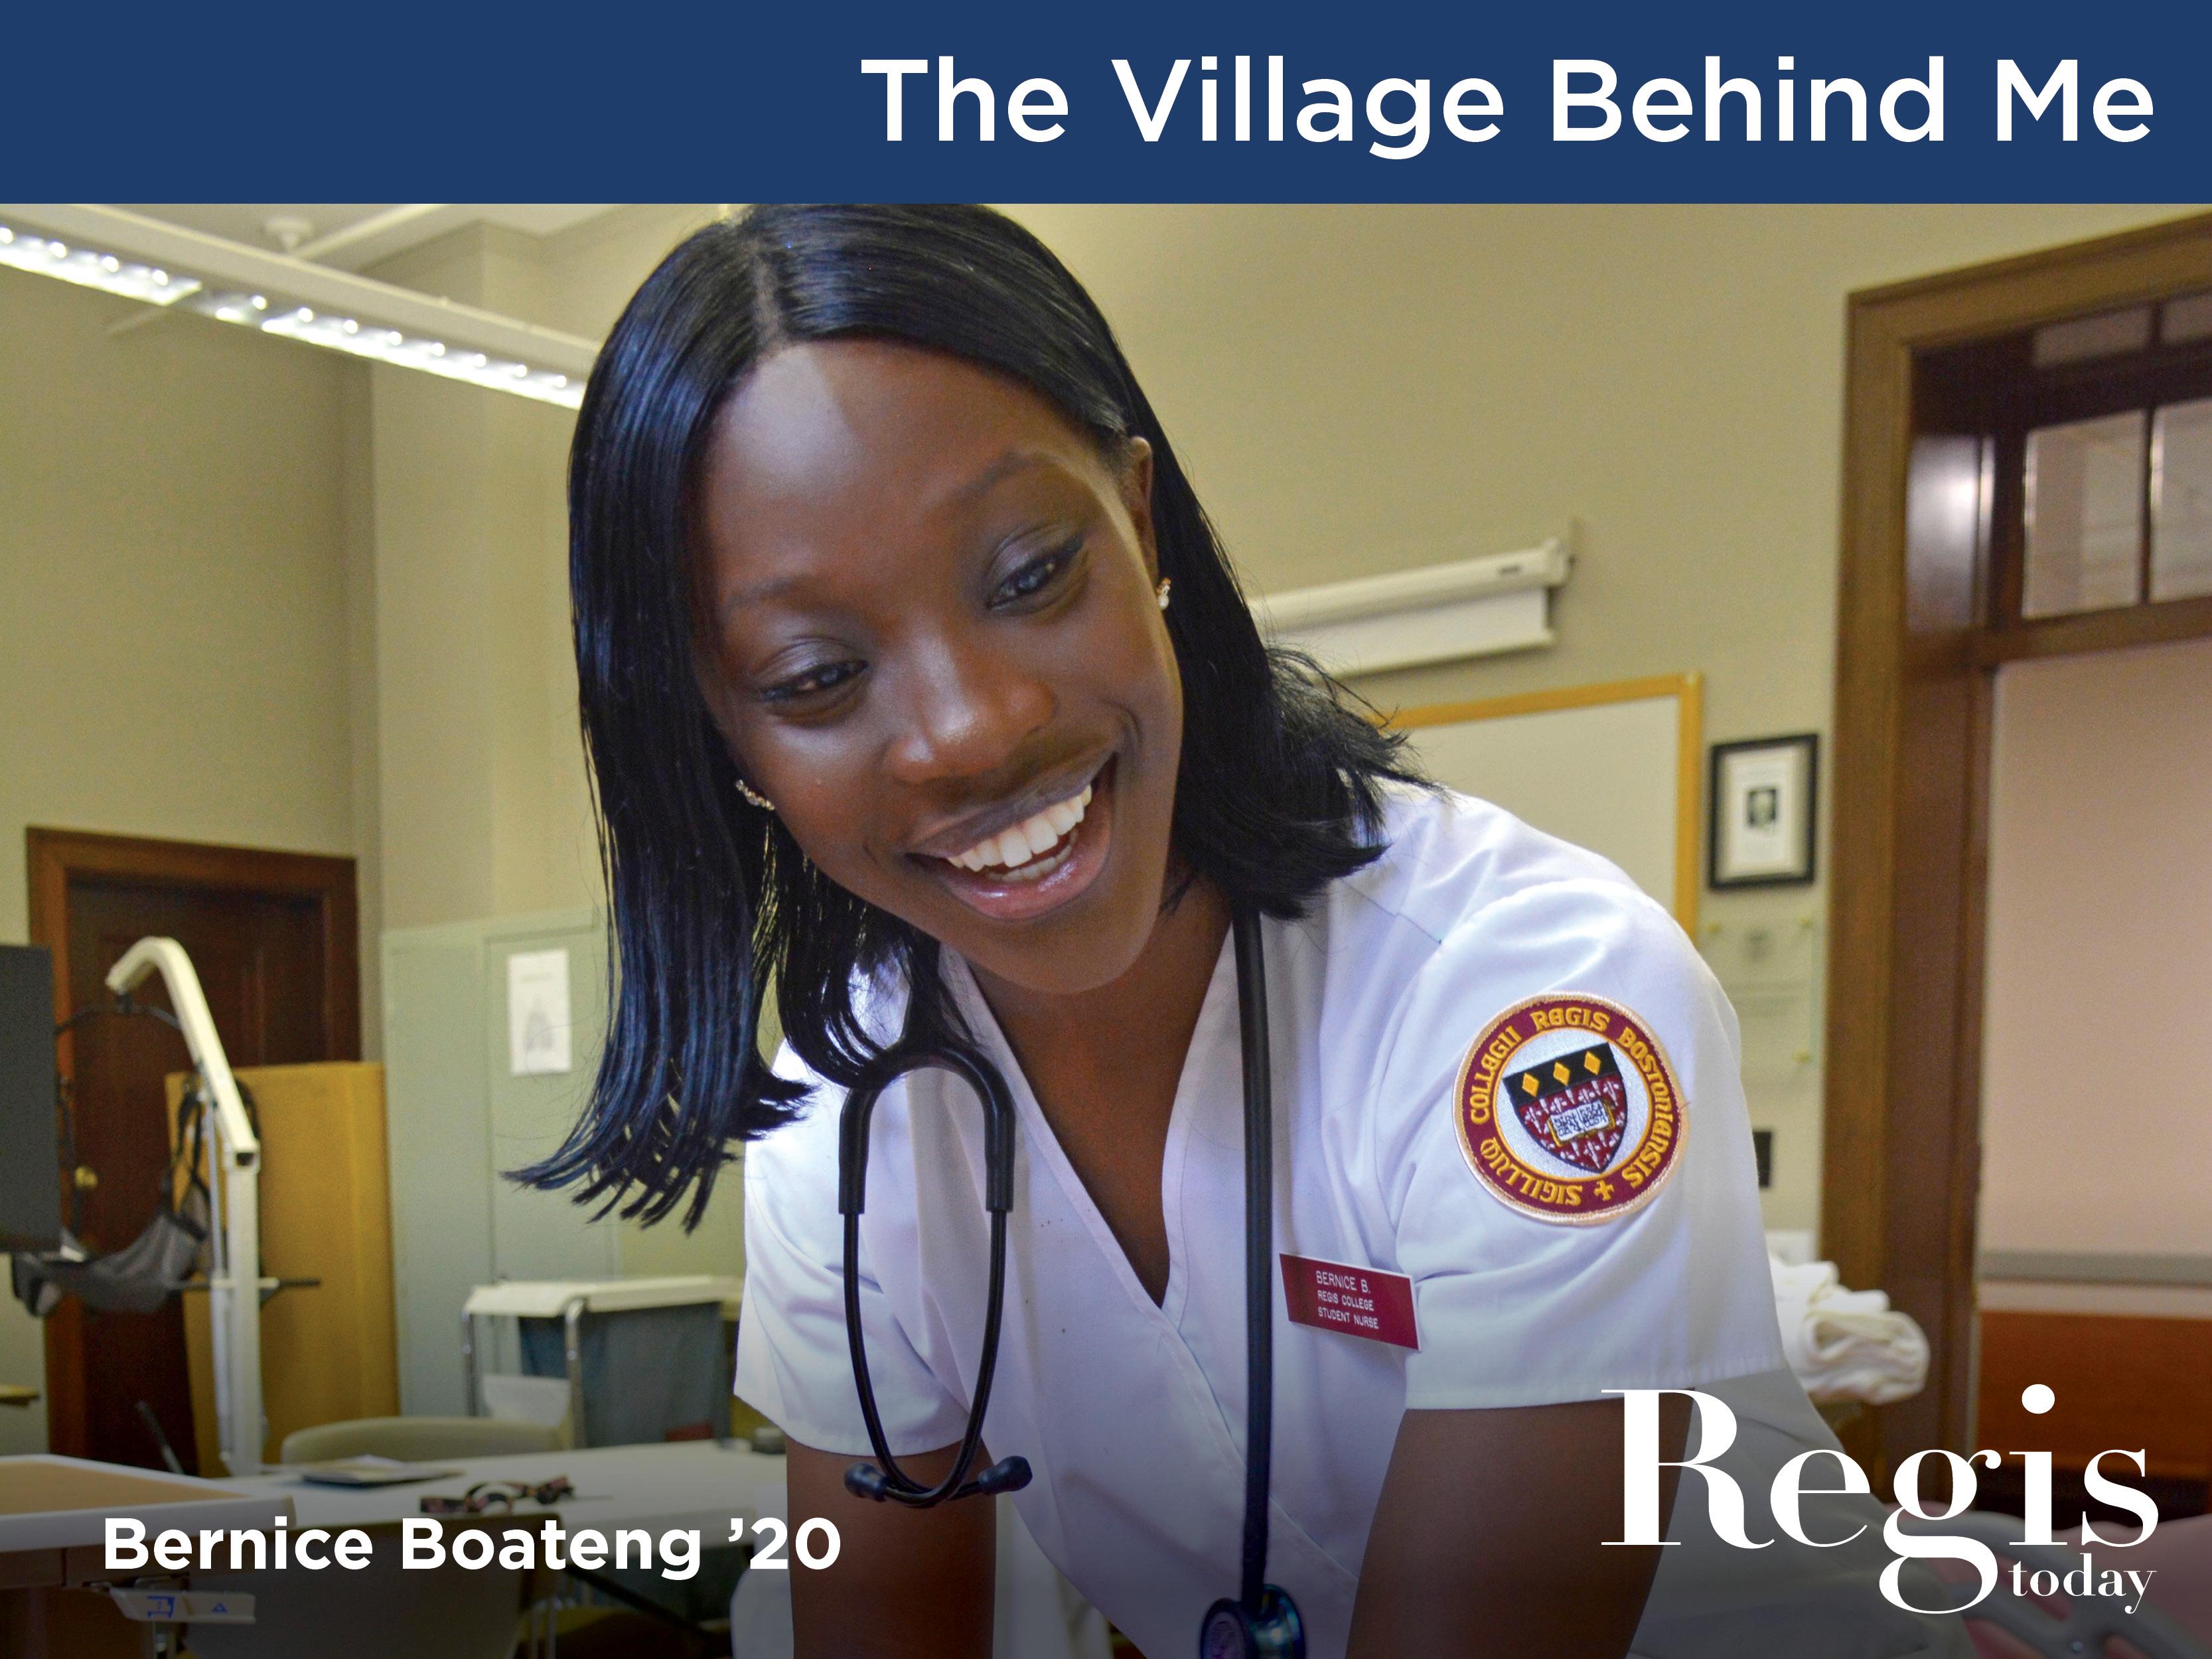 Bernice Boateng